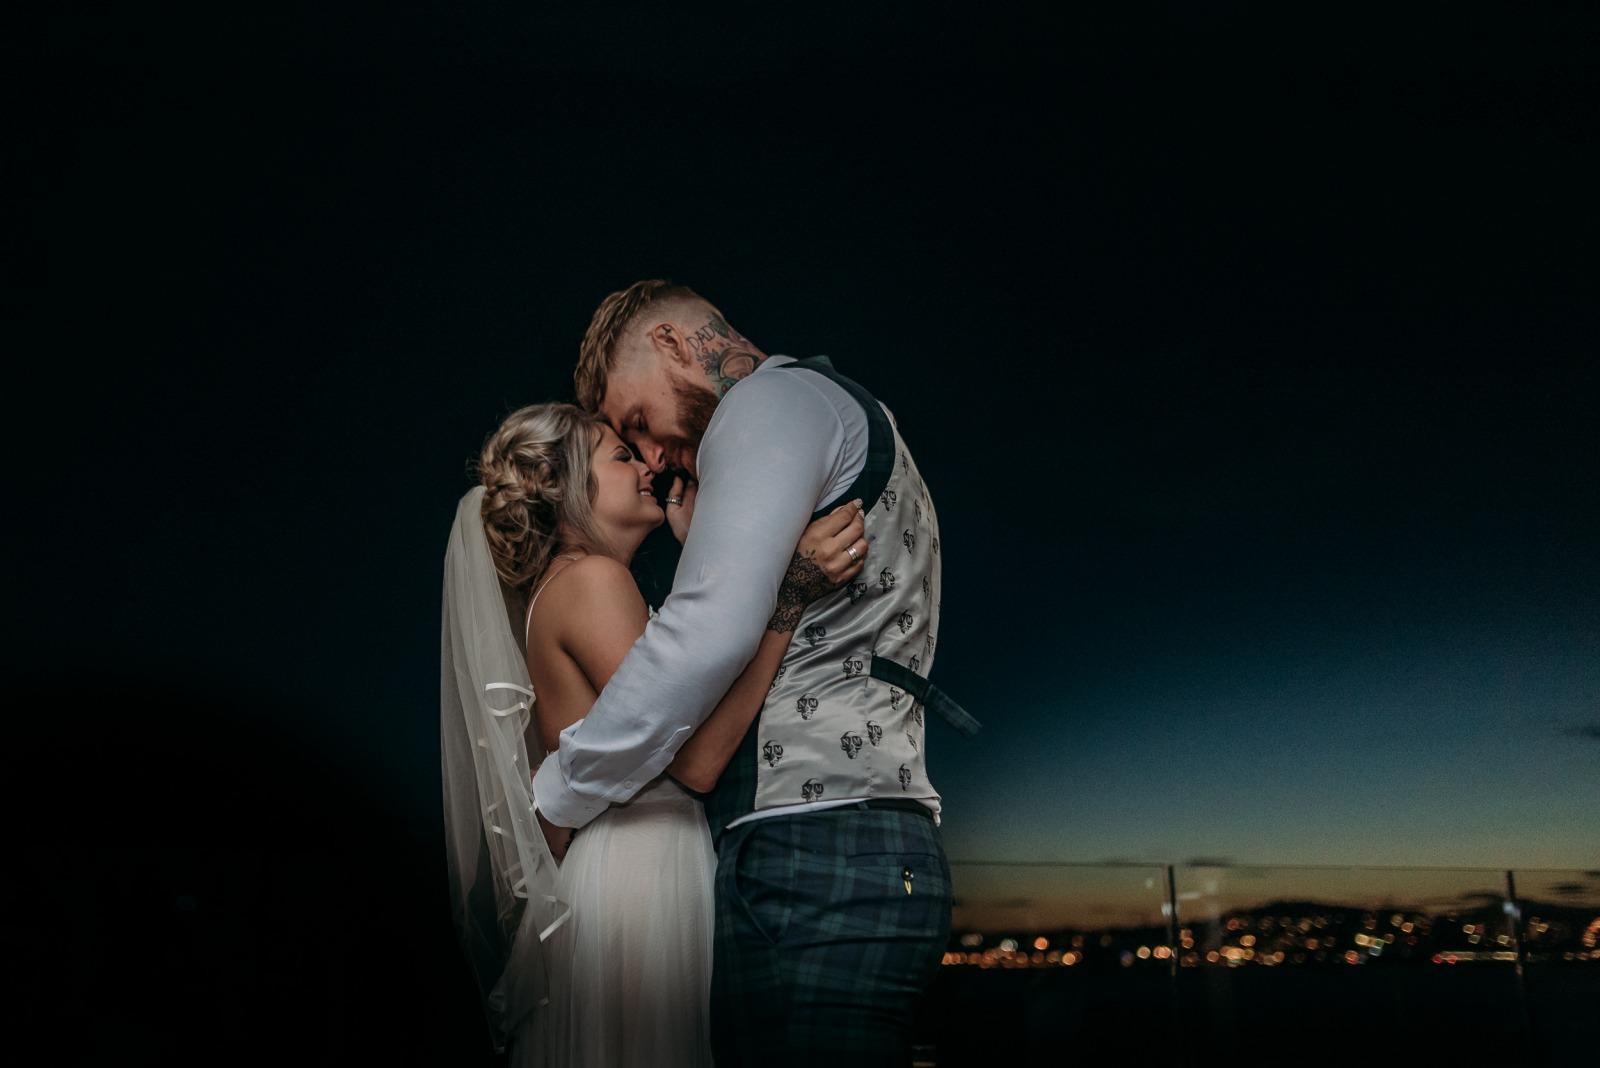 tasha-and-colin-fife-wedding-618-of-624